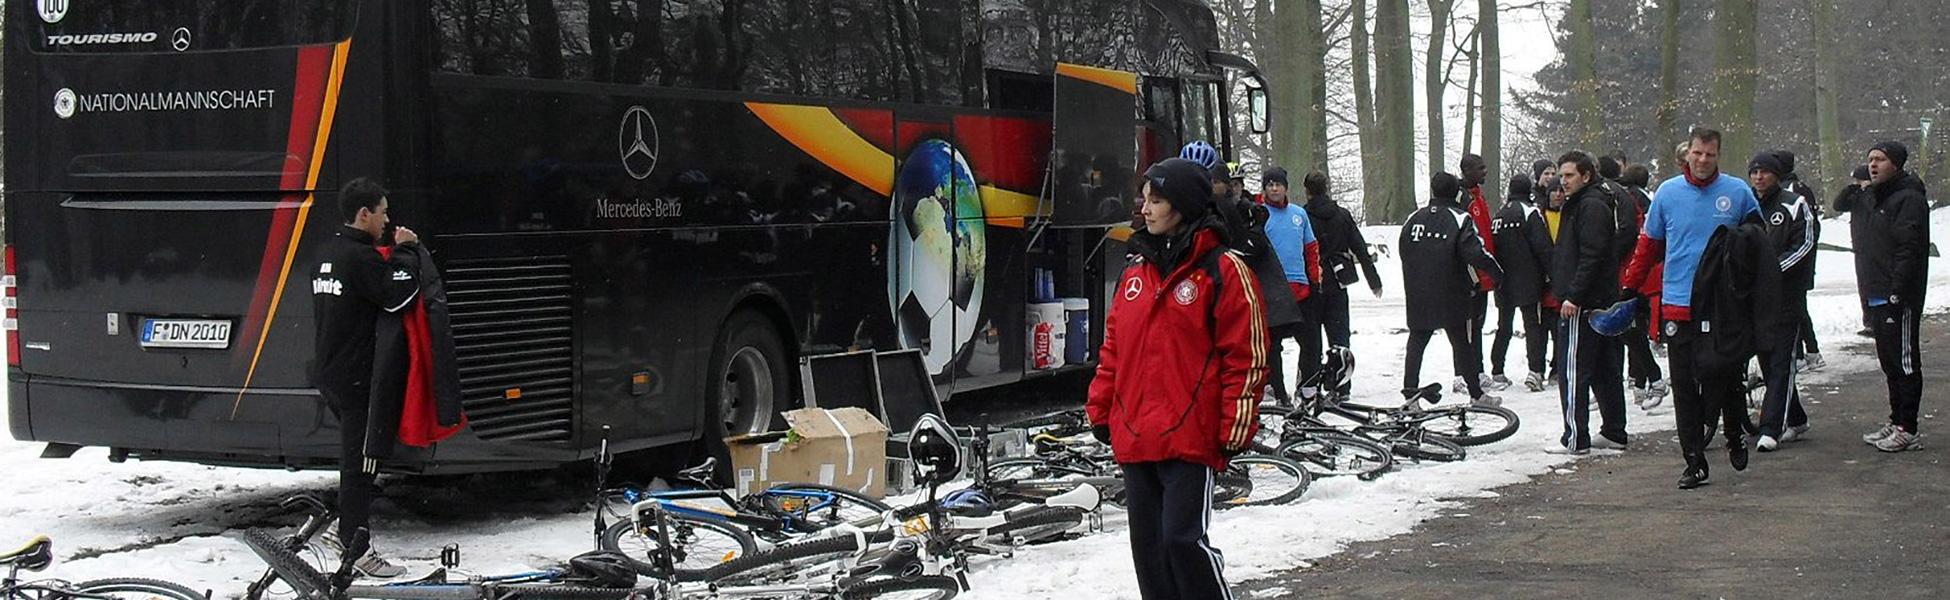 Radtour mit einem Verein